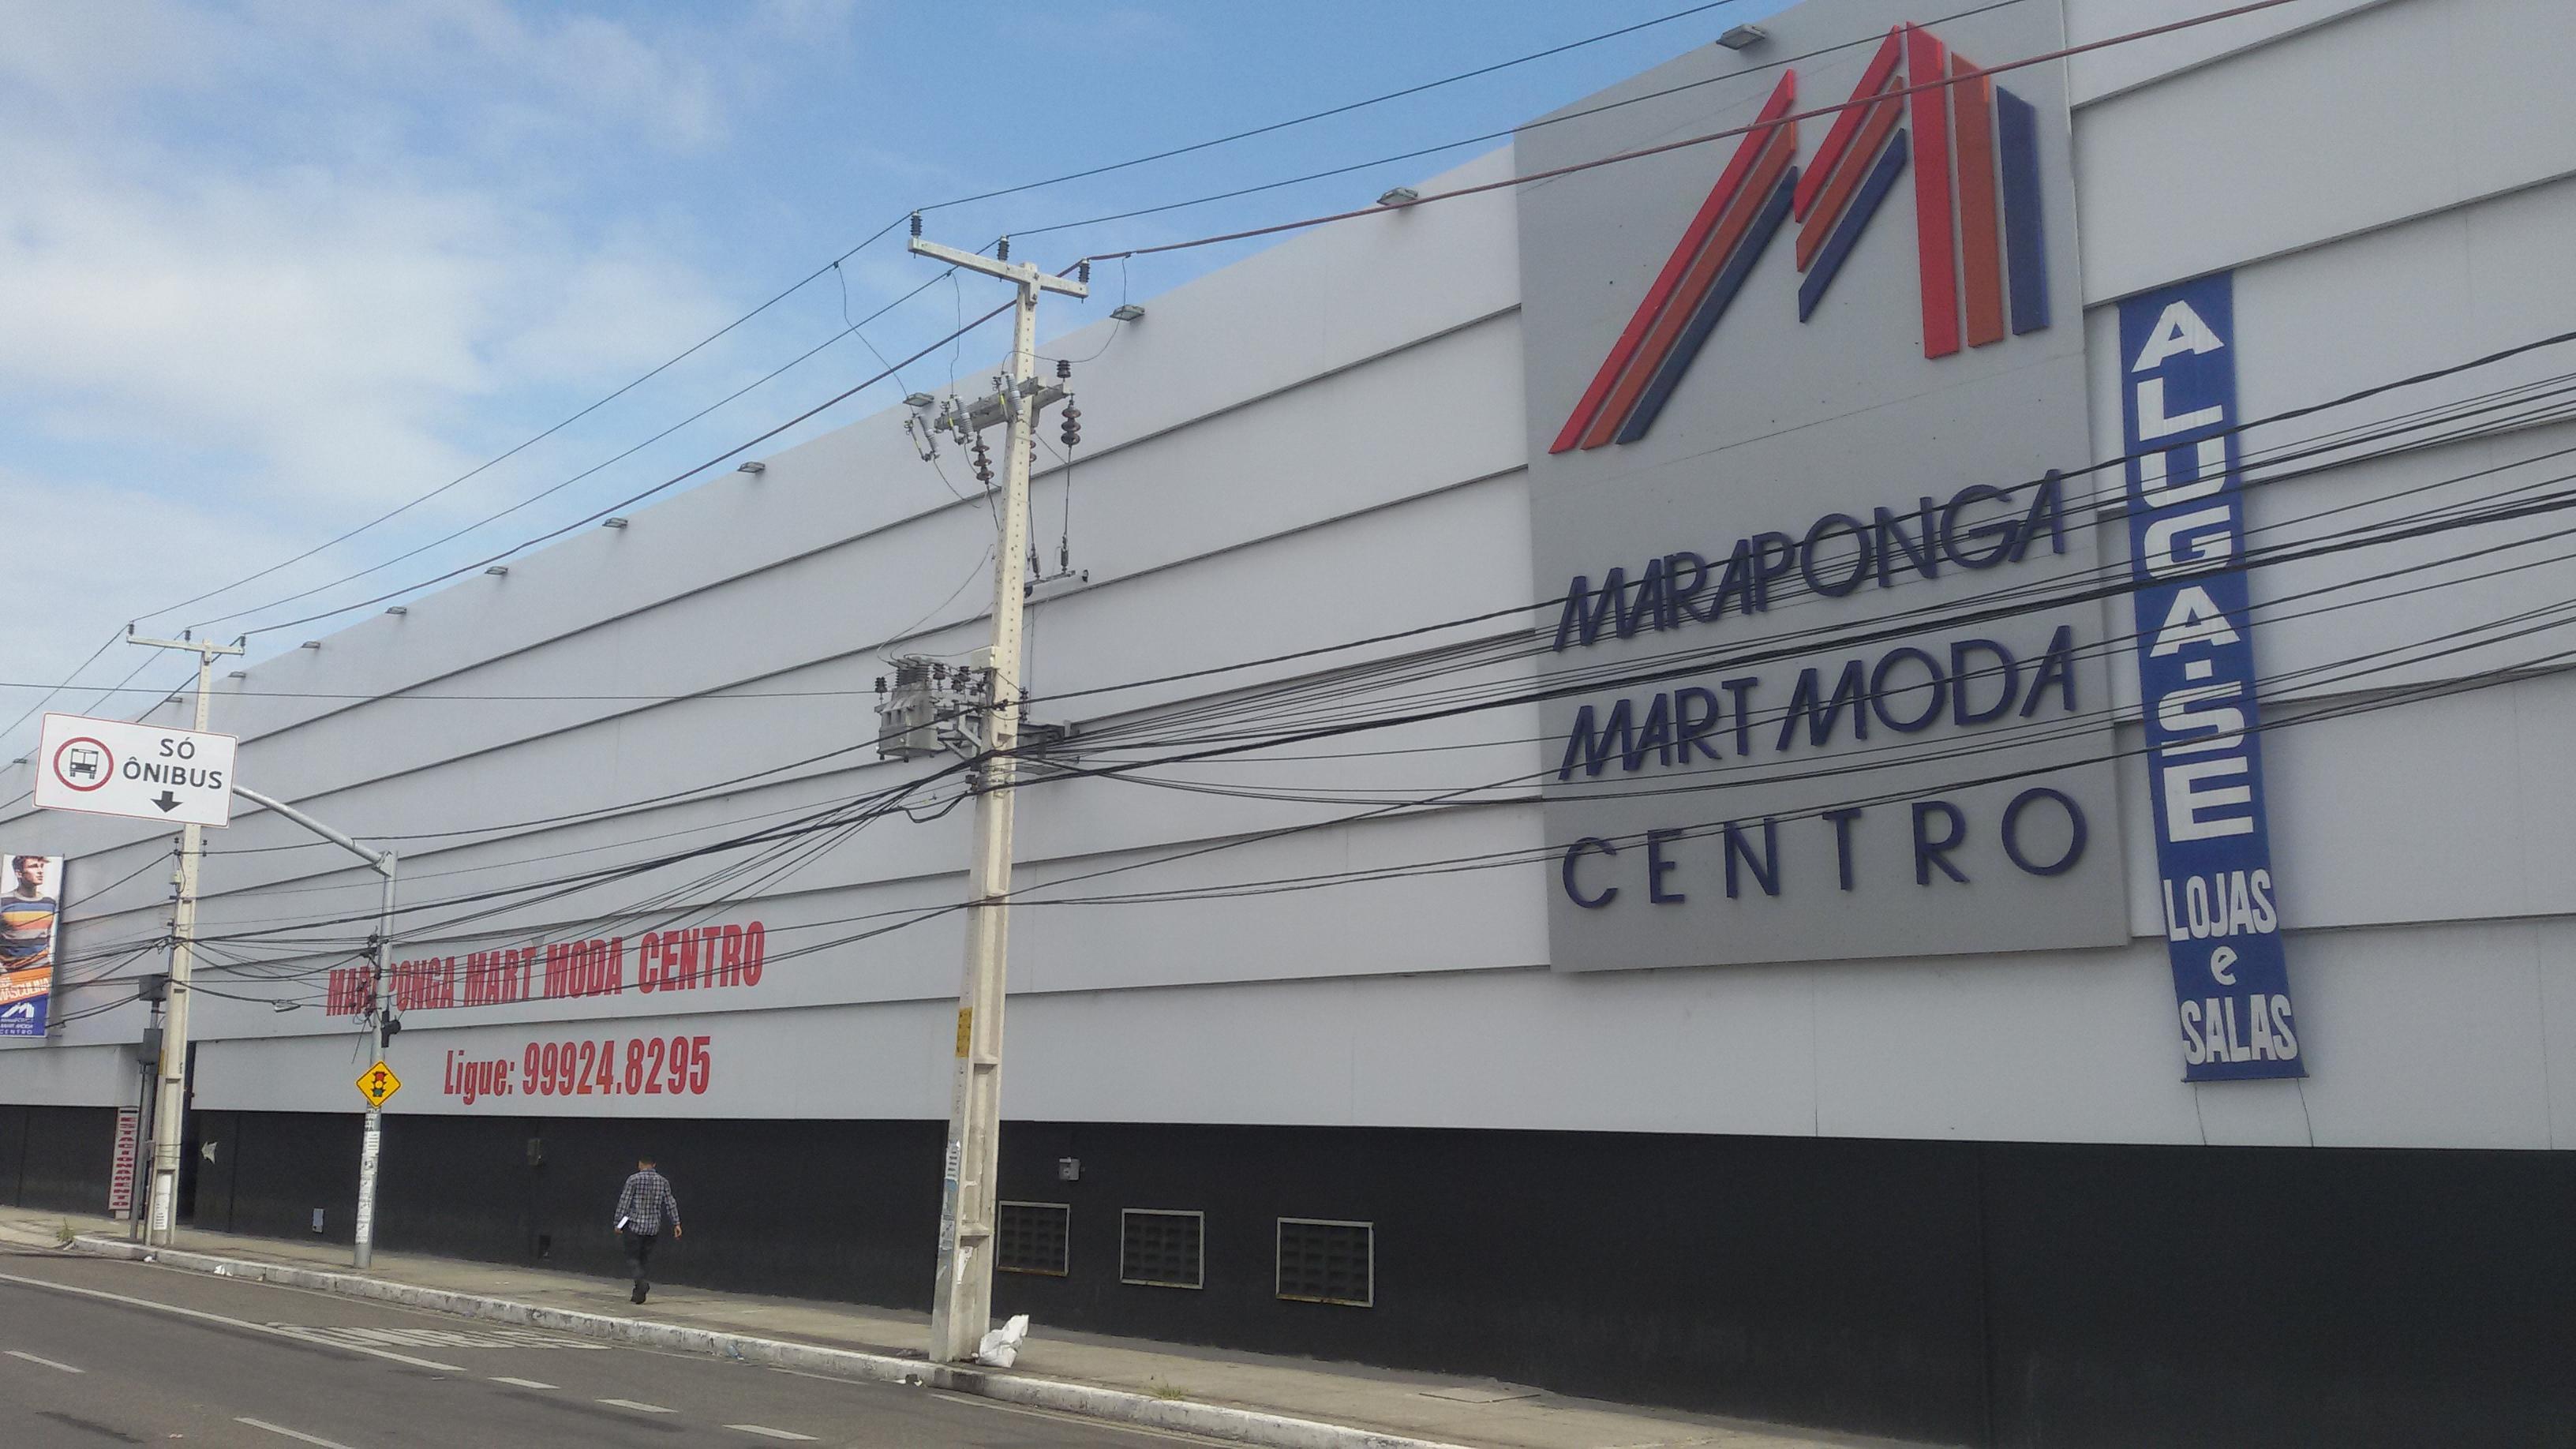 Black Friday do Mart Moda Centro tem 1.000 produtos com até 70% de desconto 47db00342a